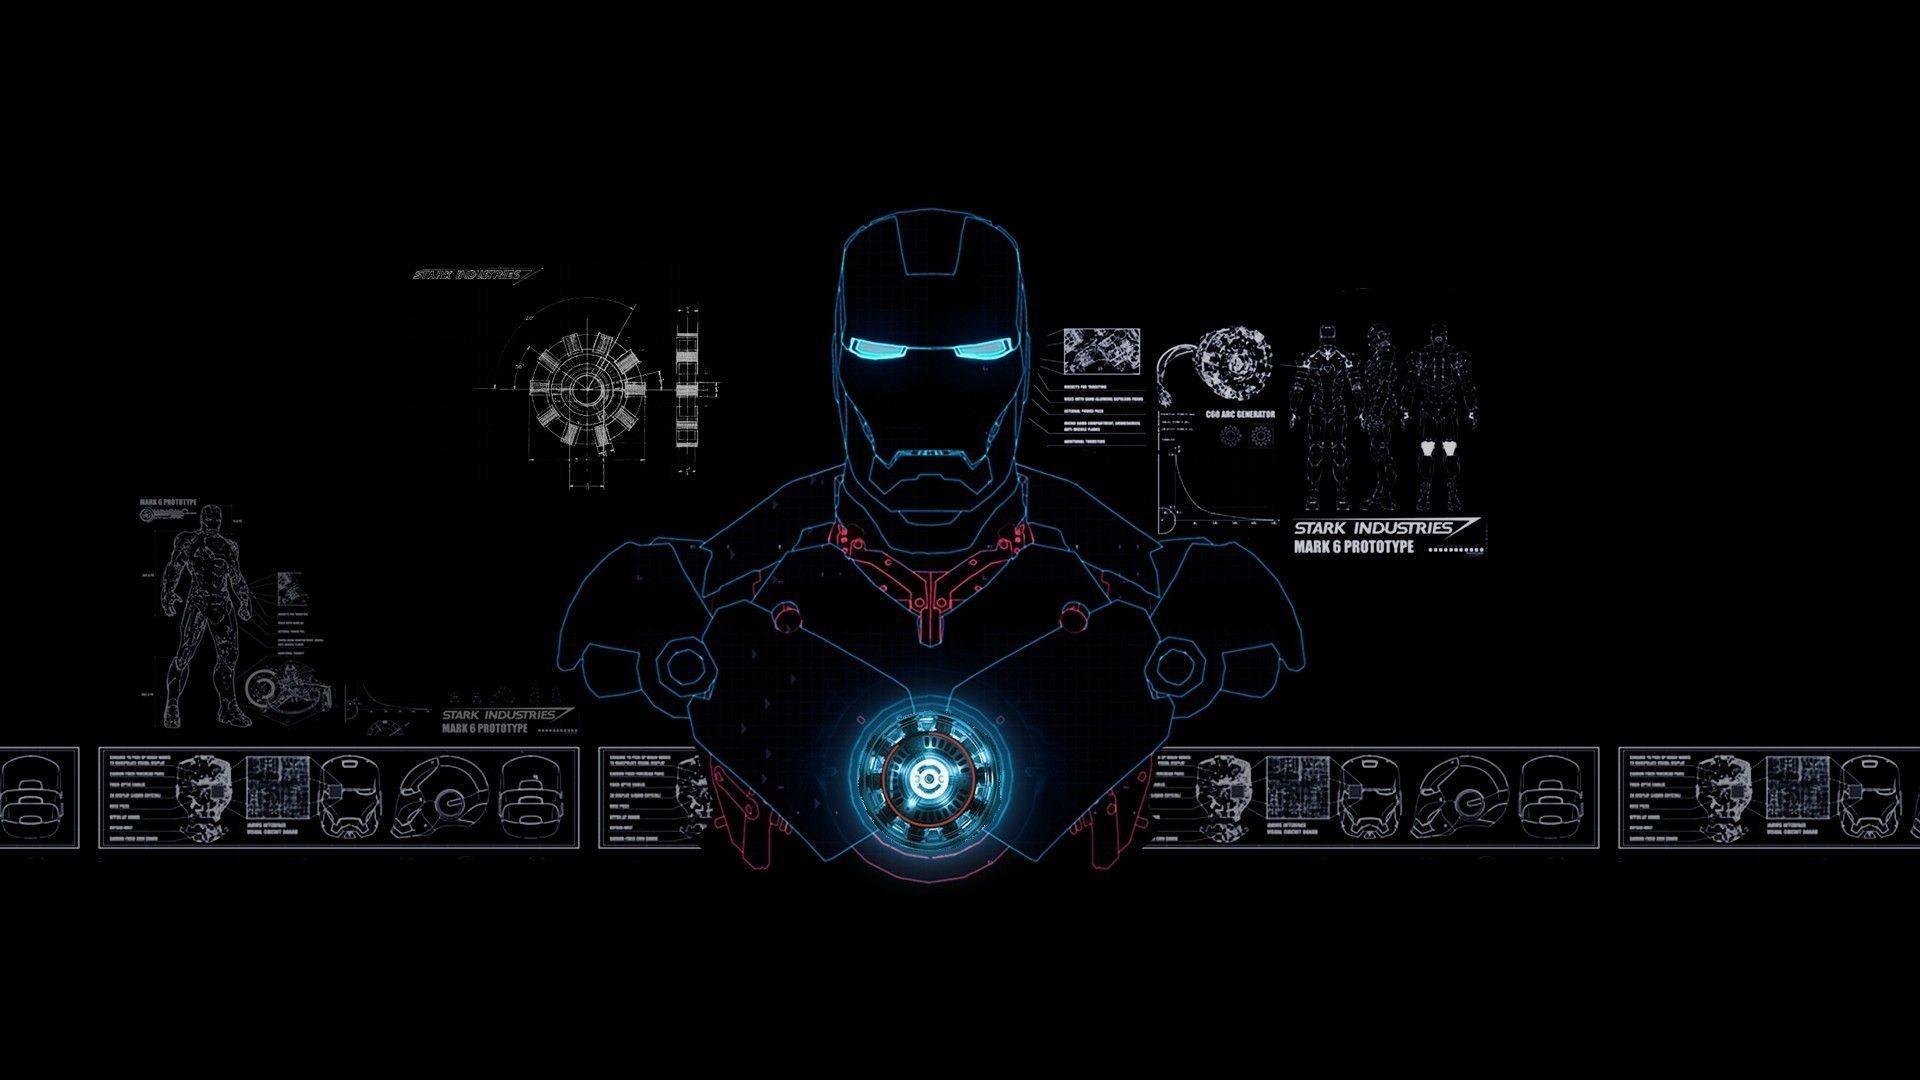 iron man wallpaper – Google Search